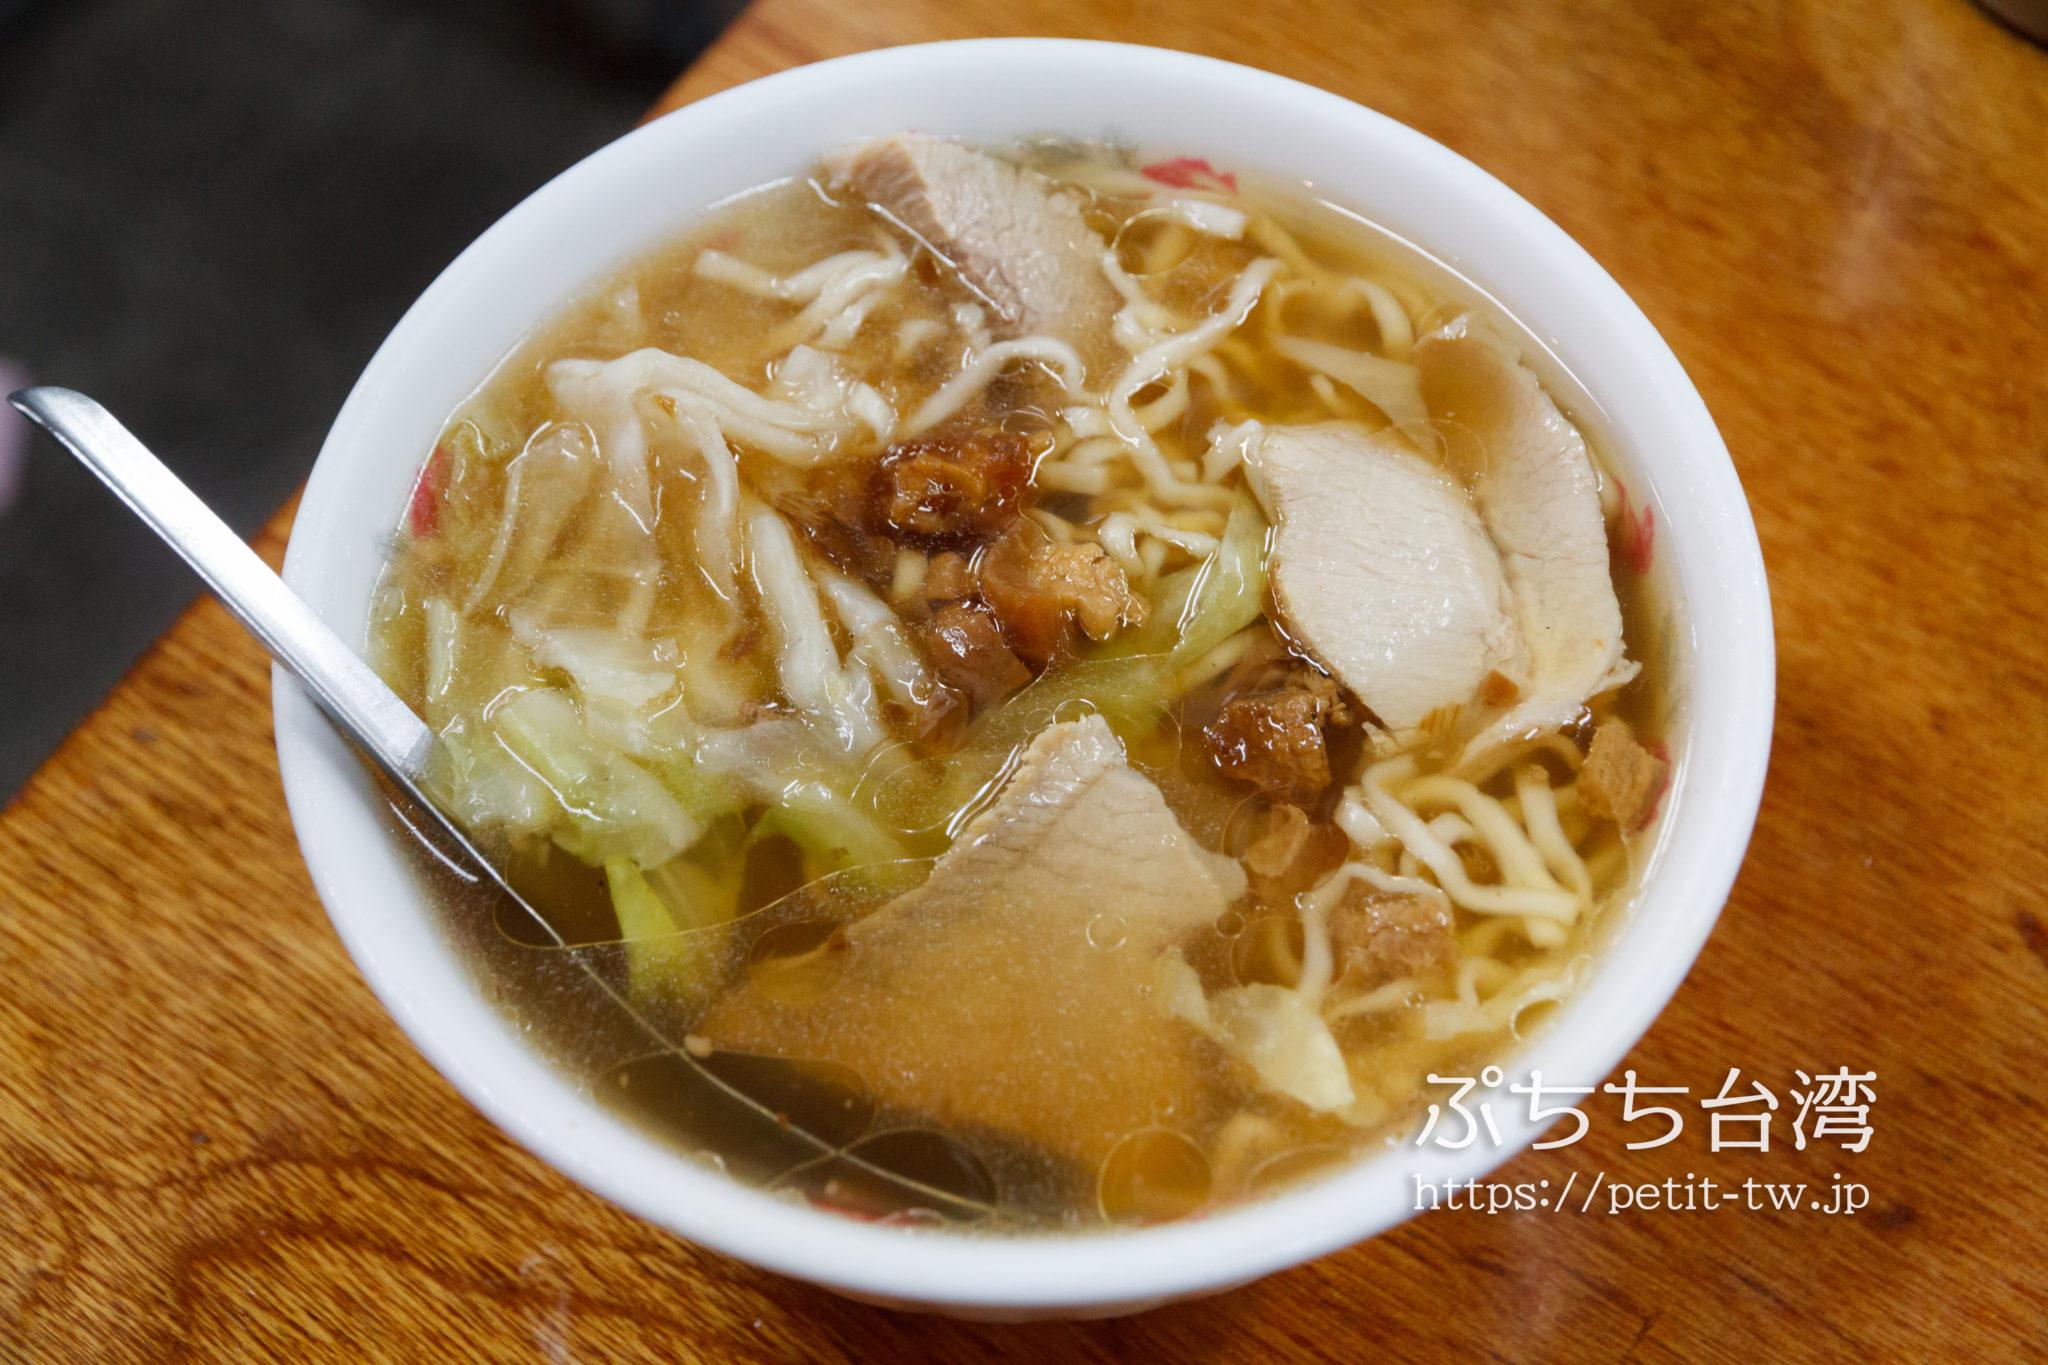 小杜意麺の意麺